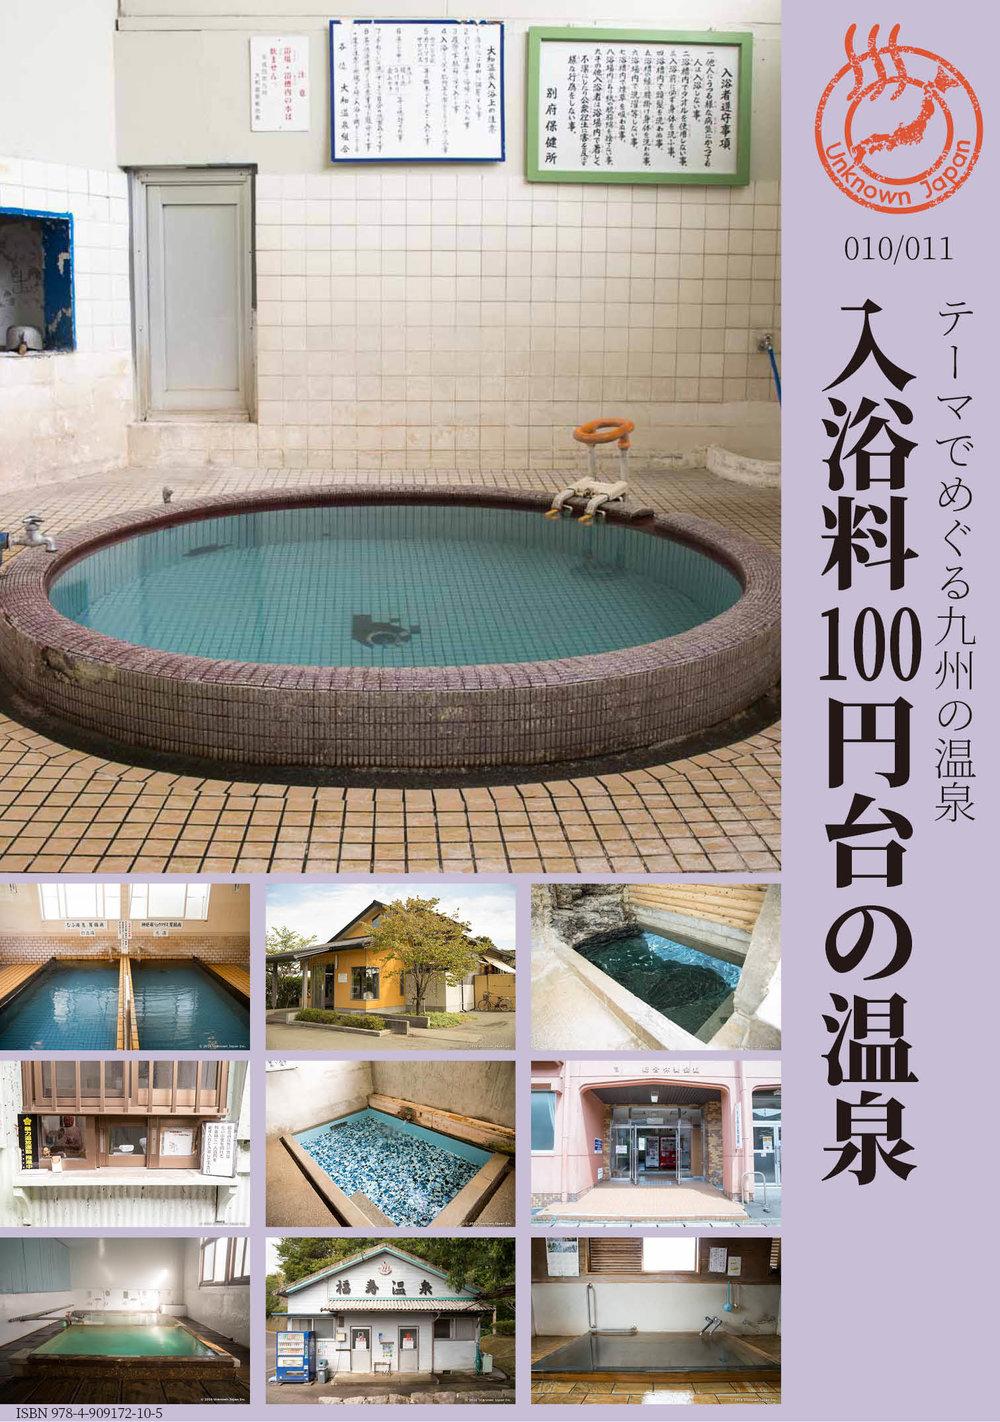 010_入浴料100円台の温泉.jpg